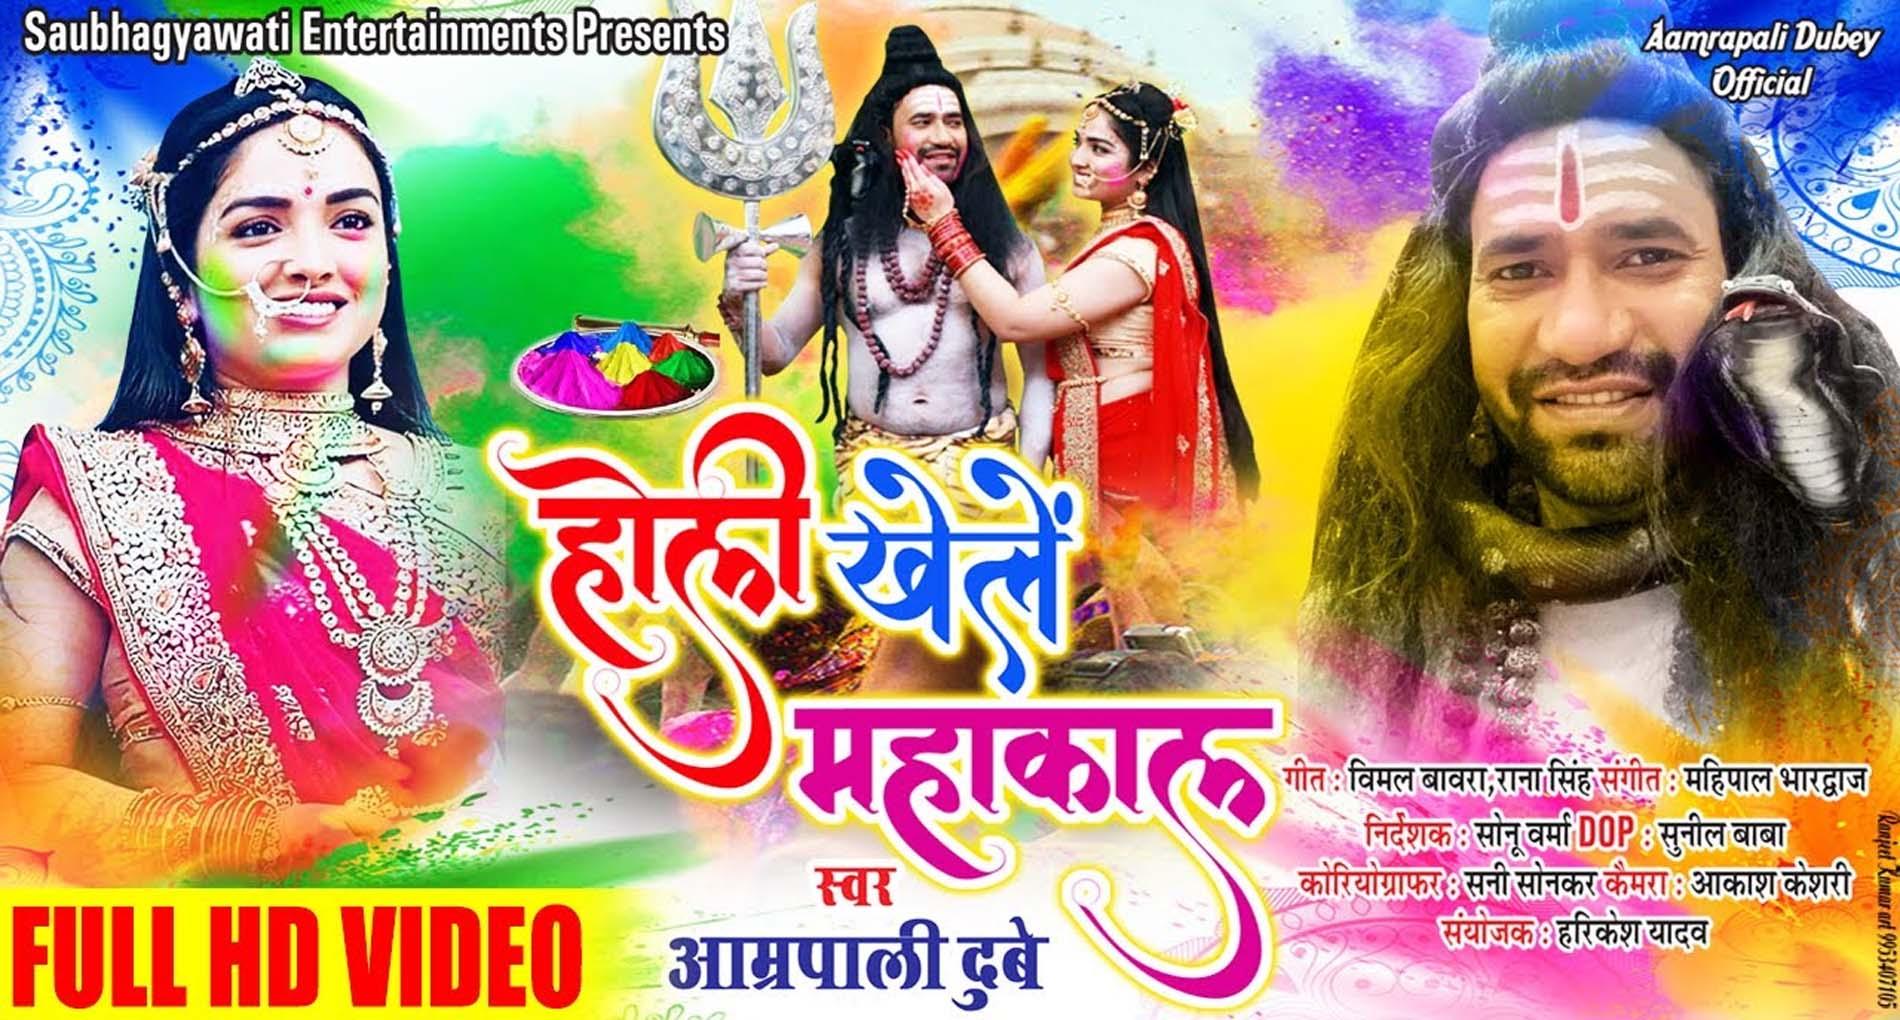 Aamrapali Dubey Holi Song: आम्रपाली दुबे के नए गाने 'होली खेले महाकाल' ने उड़ाया गर्दा! देखें